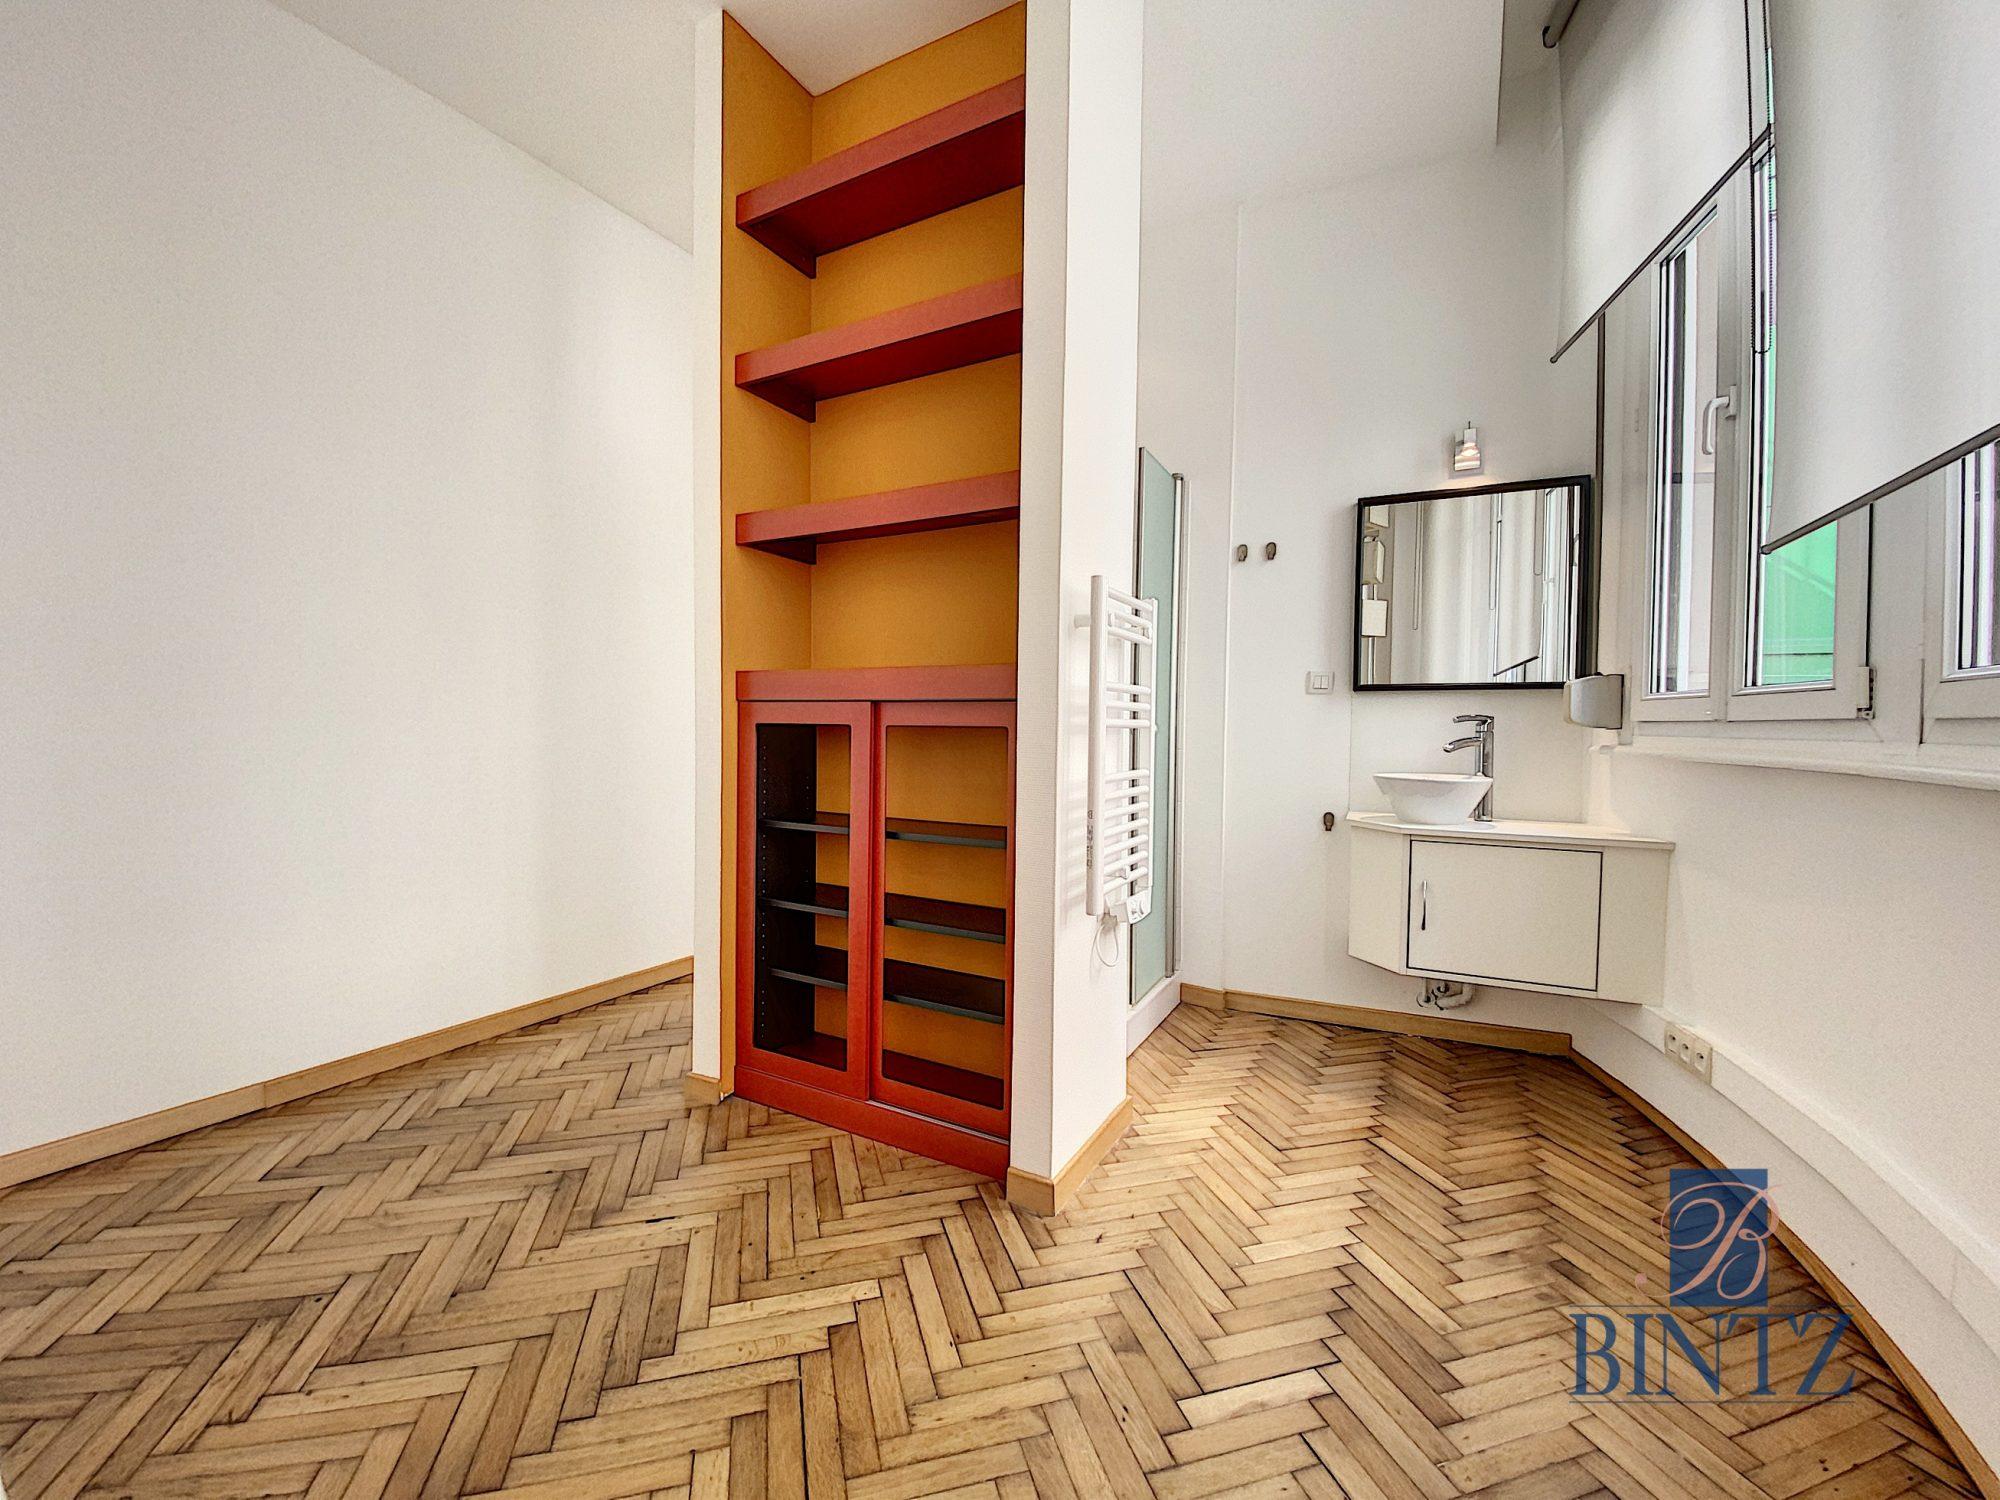 GRAND 1PIÈCE MEUBLÉ NEUSTADT - Devenez locataire en toute sérénité - Bintz Immobilier - 6